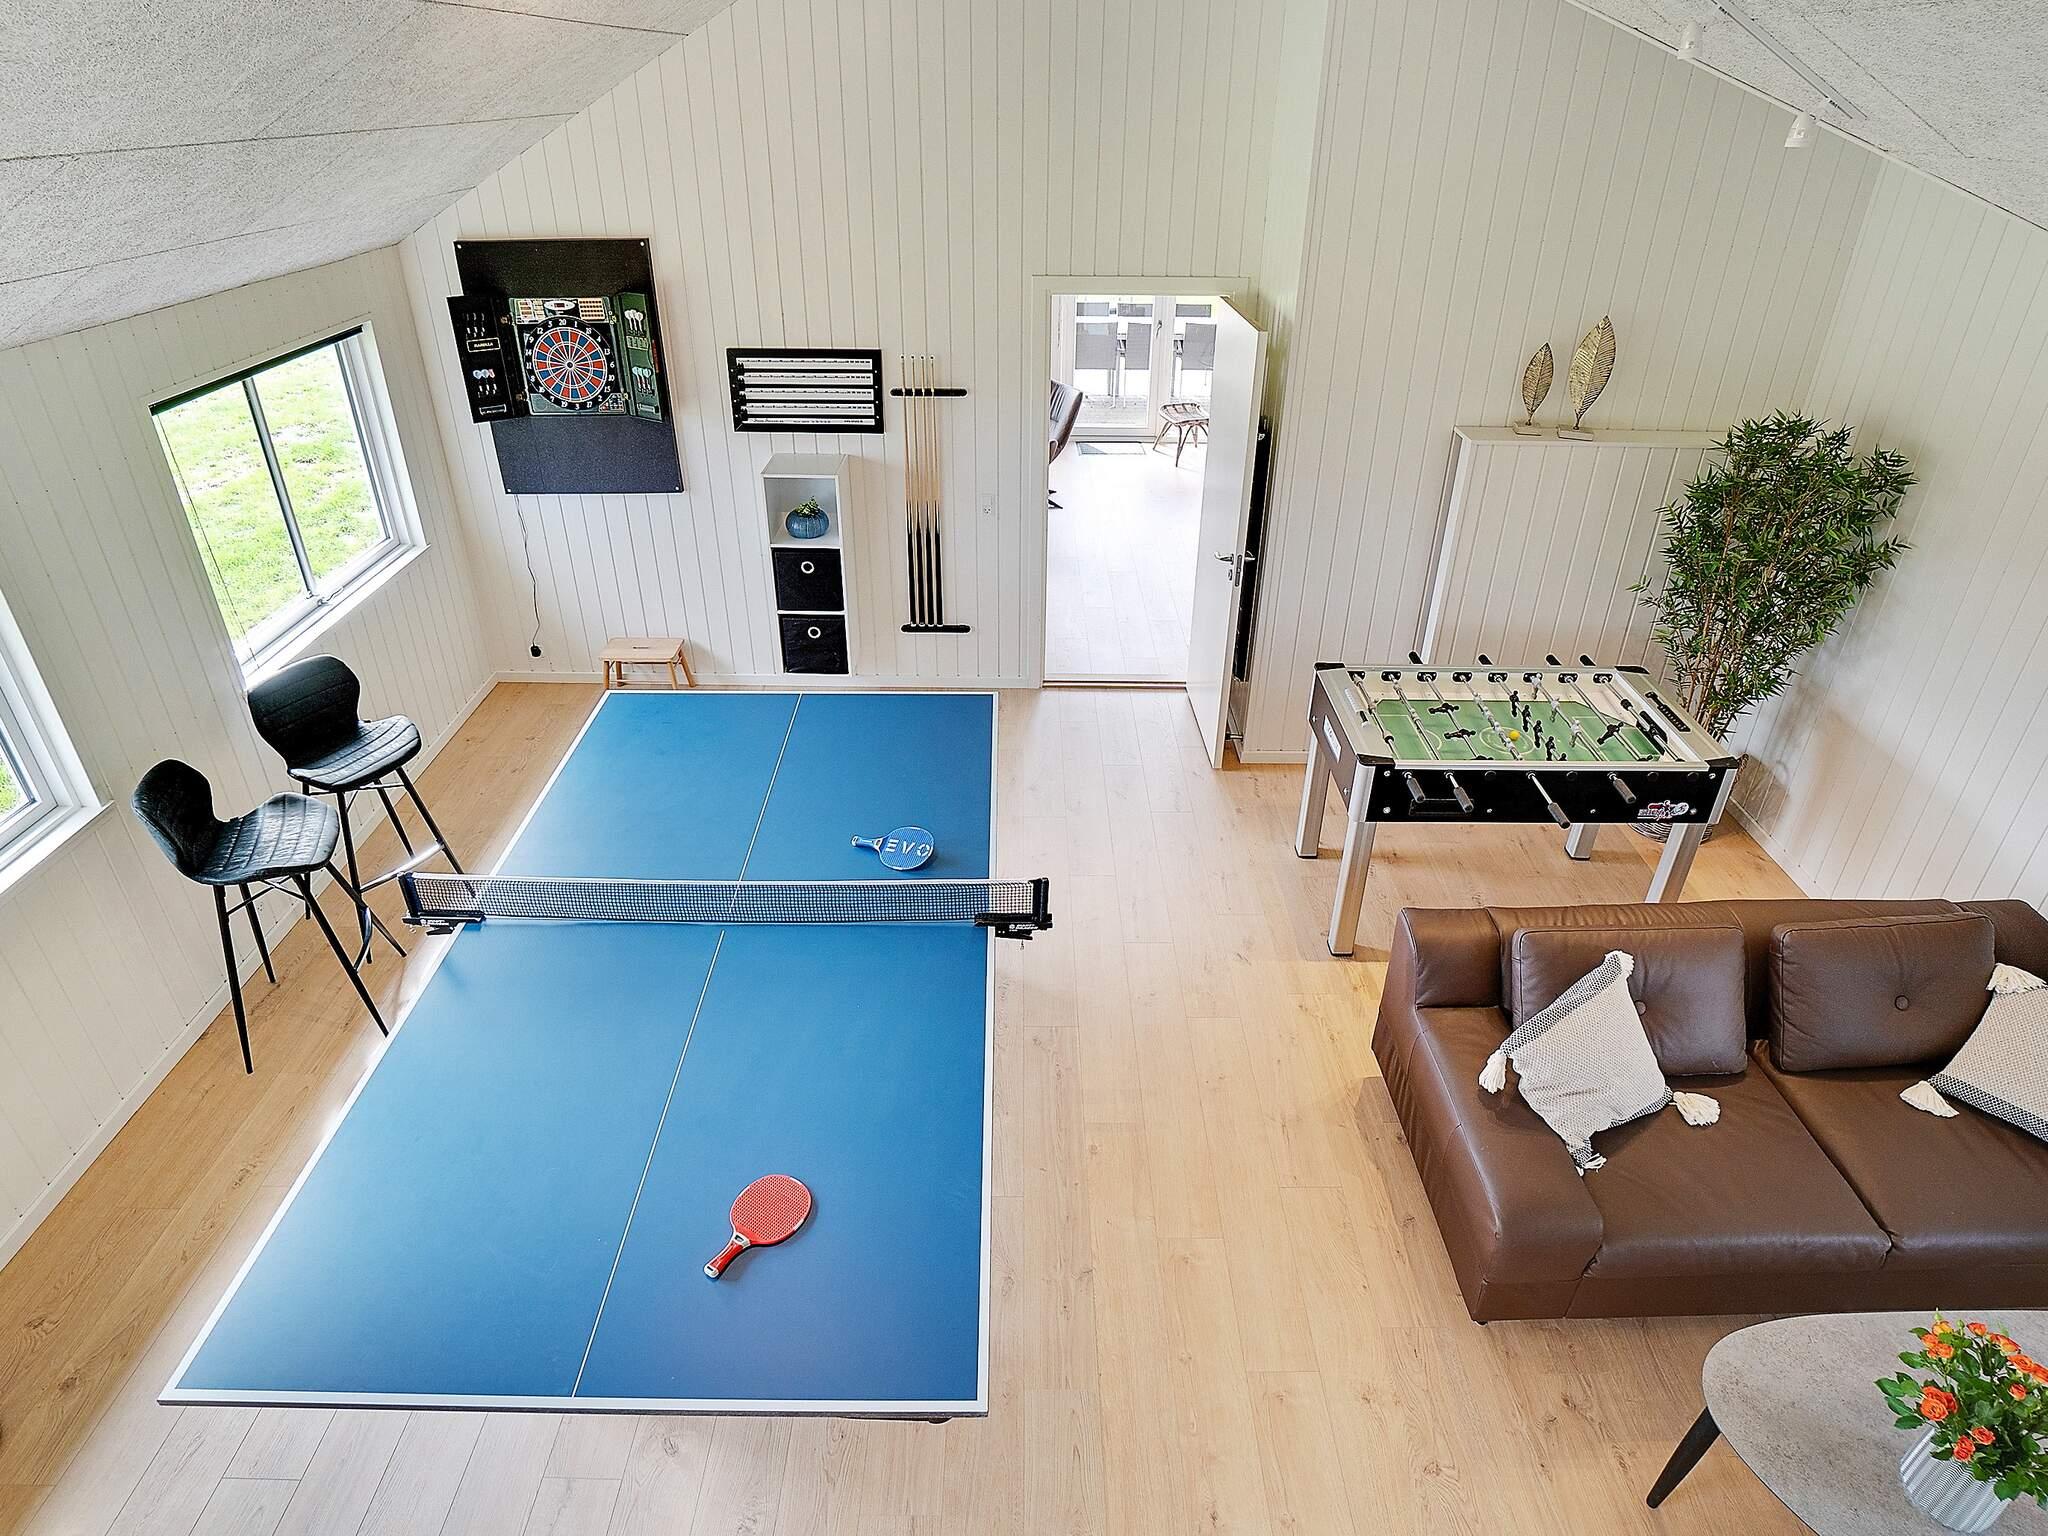 Ferienhaus Houstrup Strand (2561591), Nørre Nebel, , Westjütland, Dänemark, Bild 19